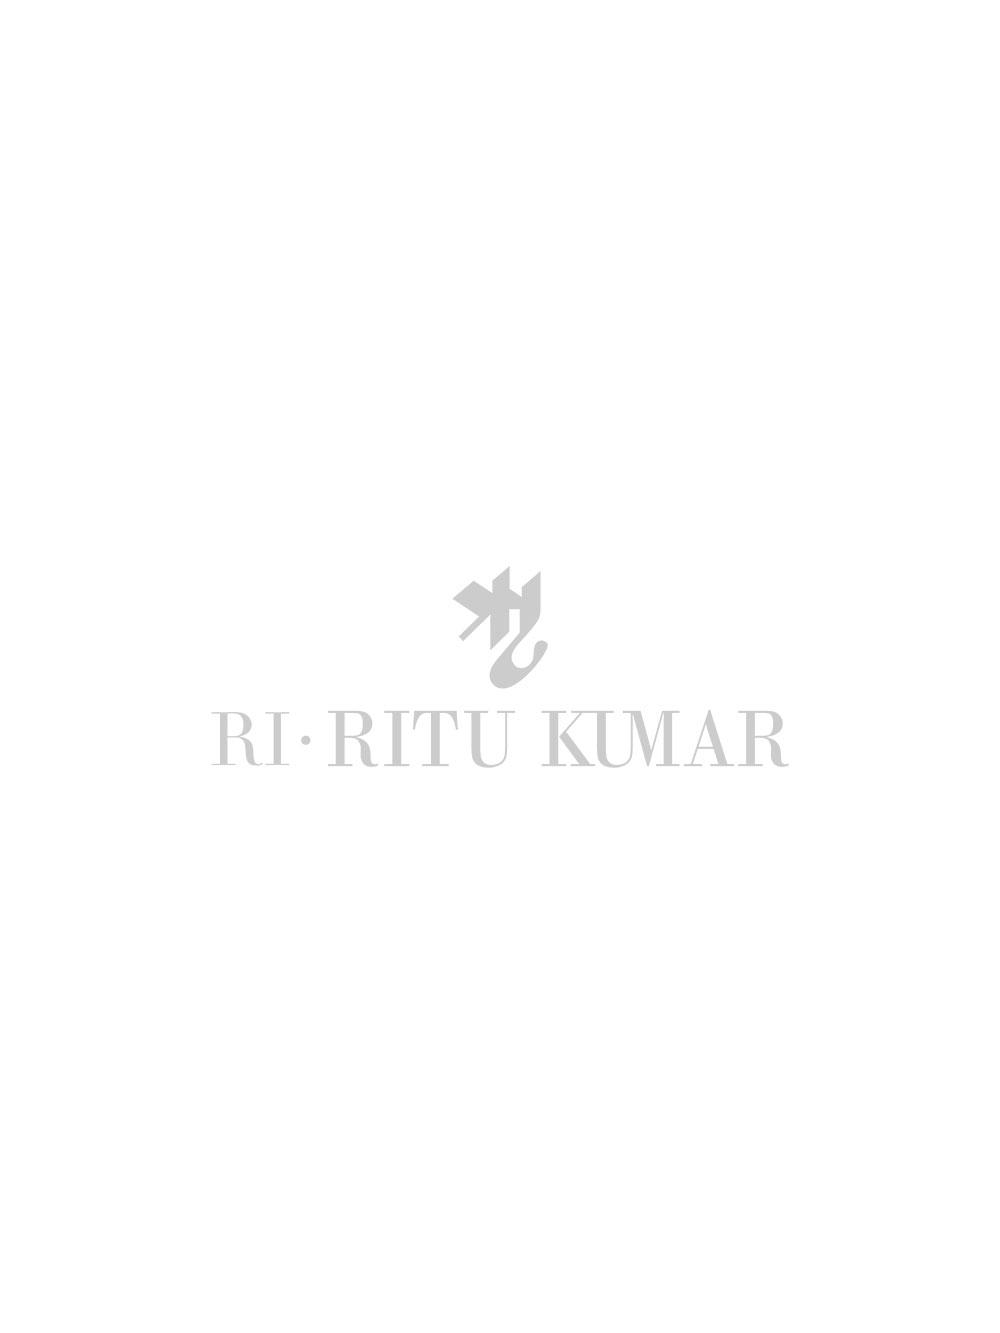 Royal Benarasi Hand Woven Saree With Floral Motifs